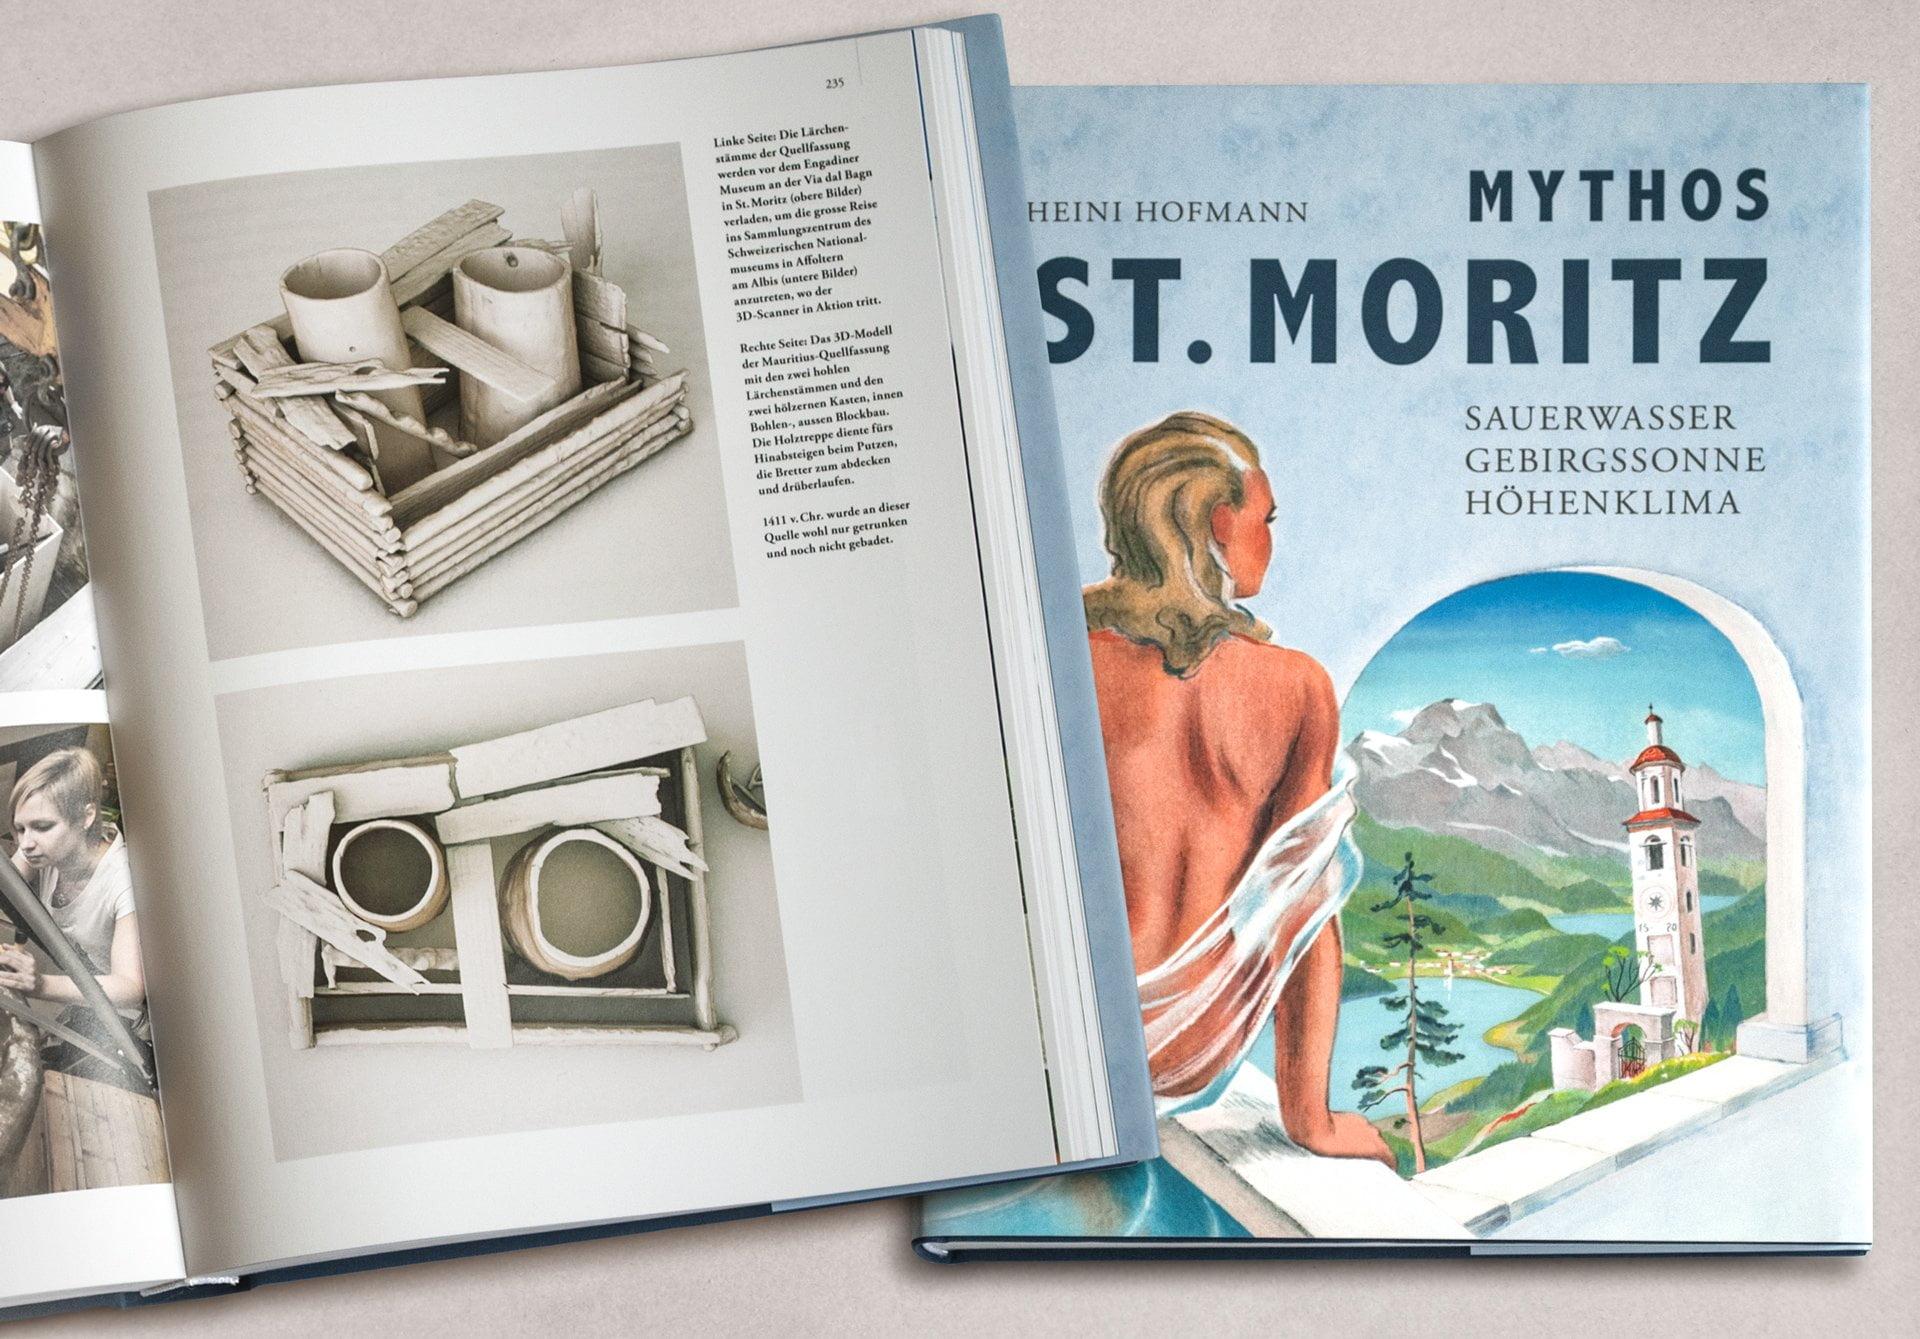 Quellfassung St. Moritz, Buch, ikonaut